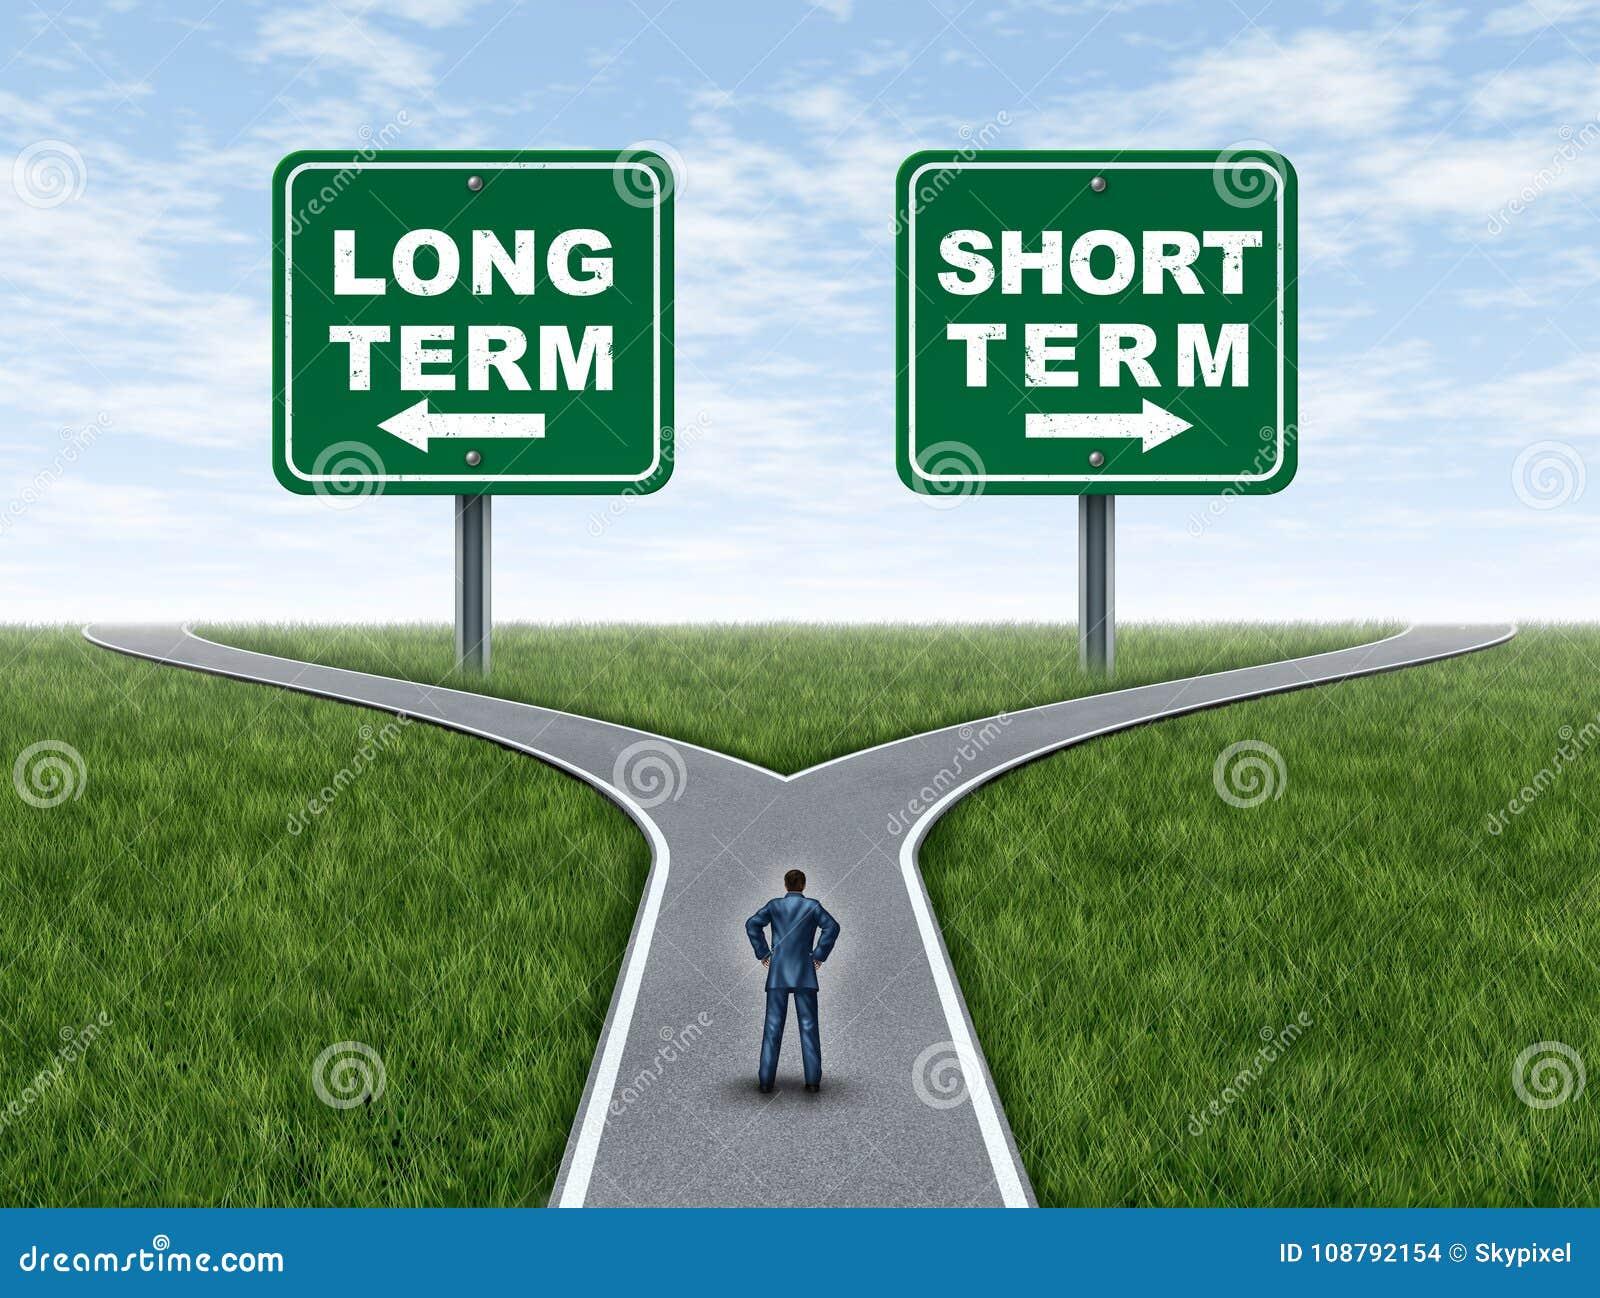 Inversin A Largo Plazo Y Corto Planificacin Financiera O Estrategia Del Inversor Invertir En Un Fondo Conservador Agresiva Con